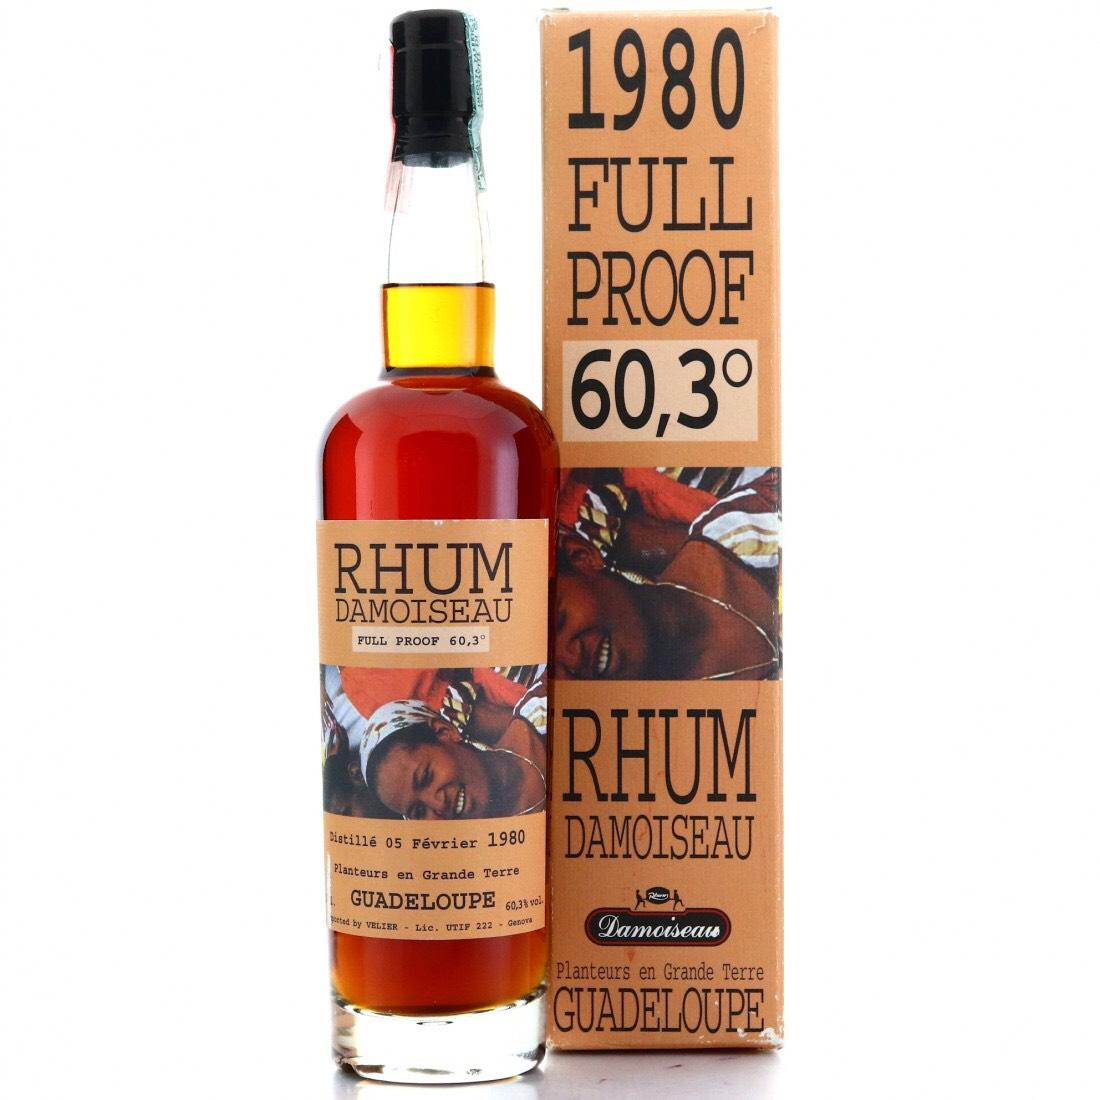 Bottle image of Rhum Vieux